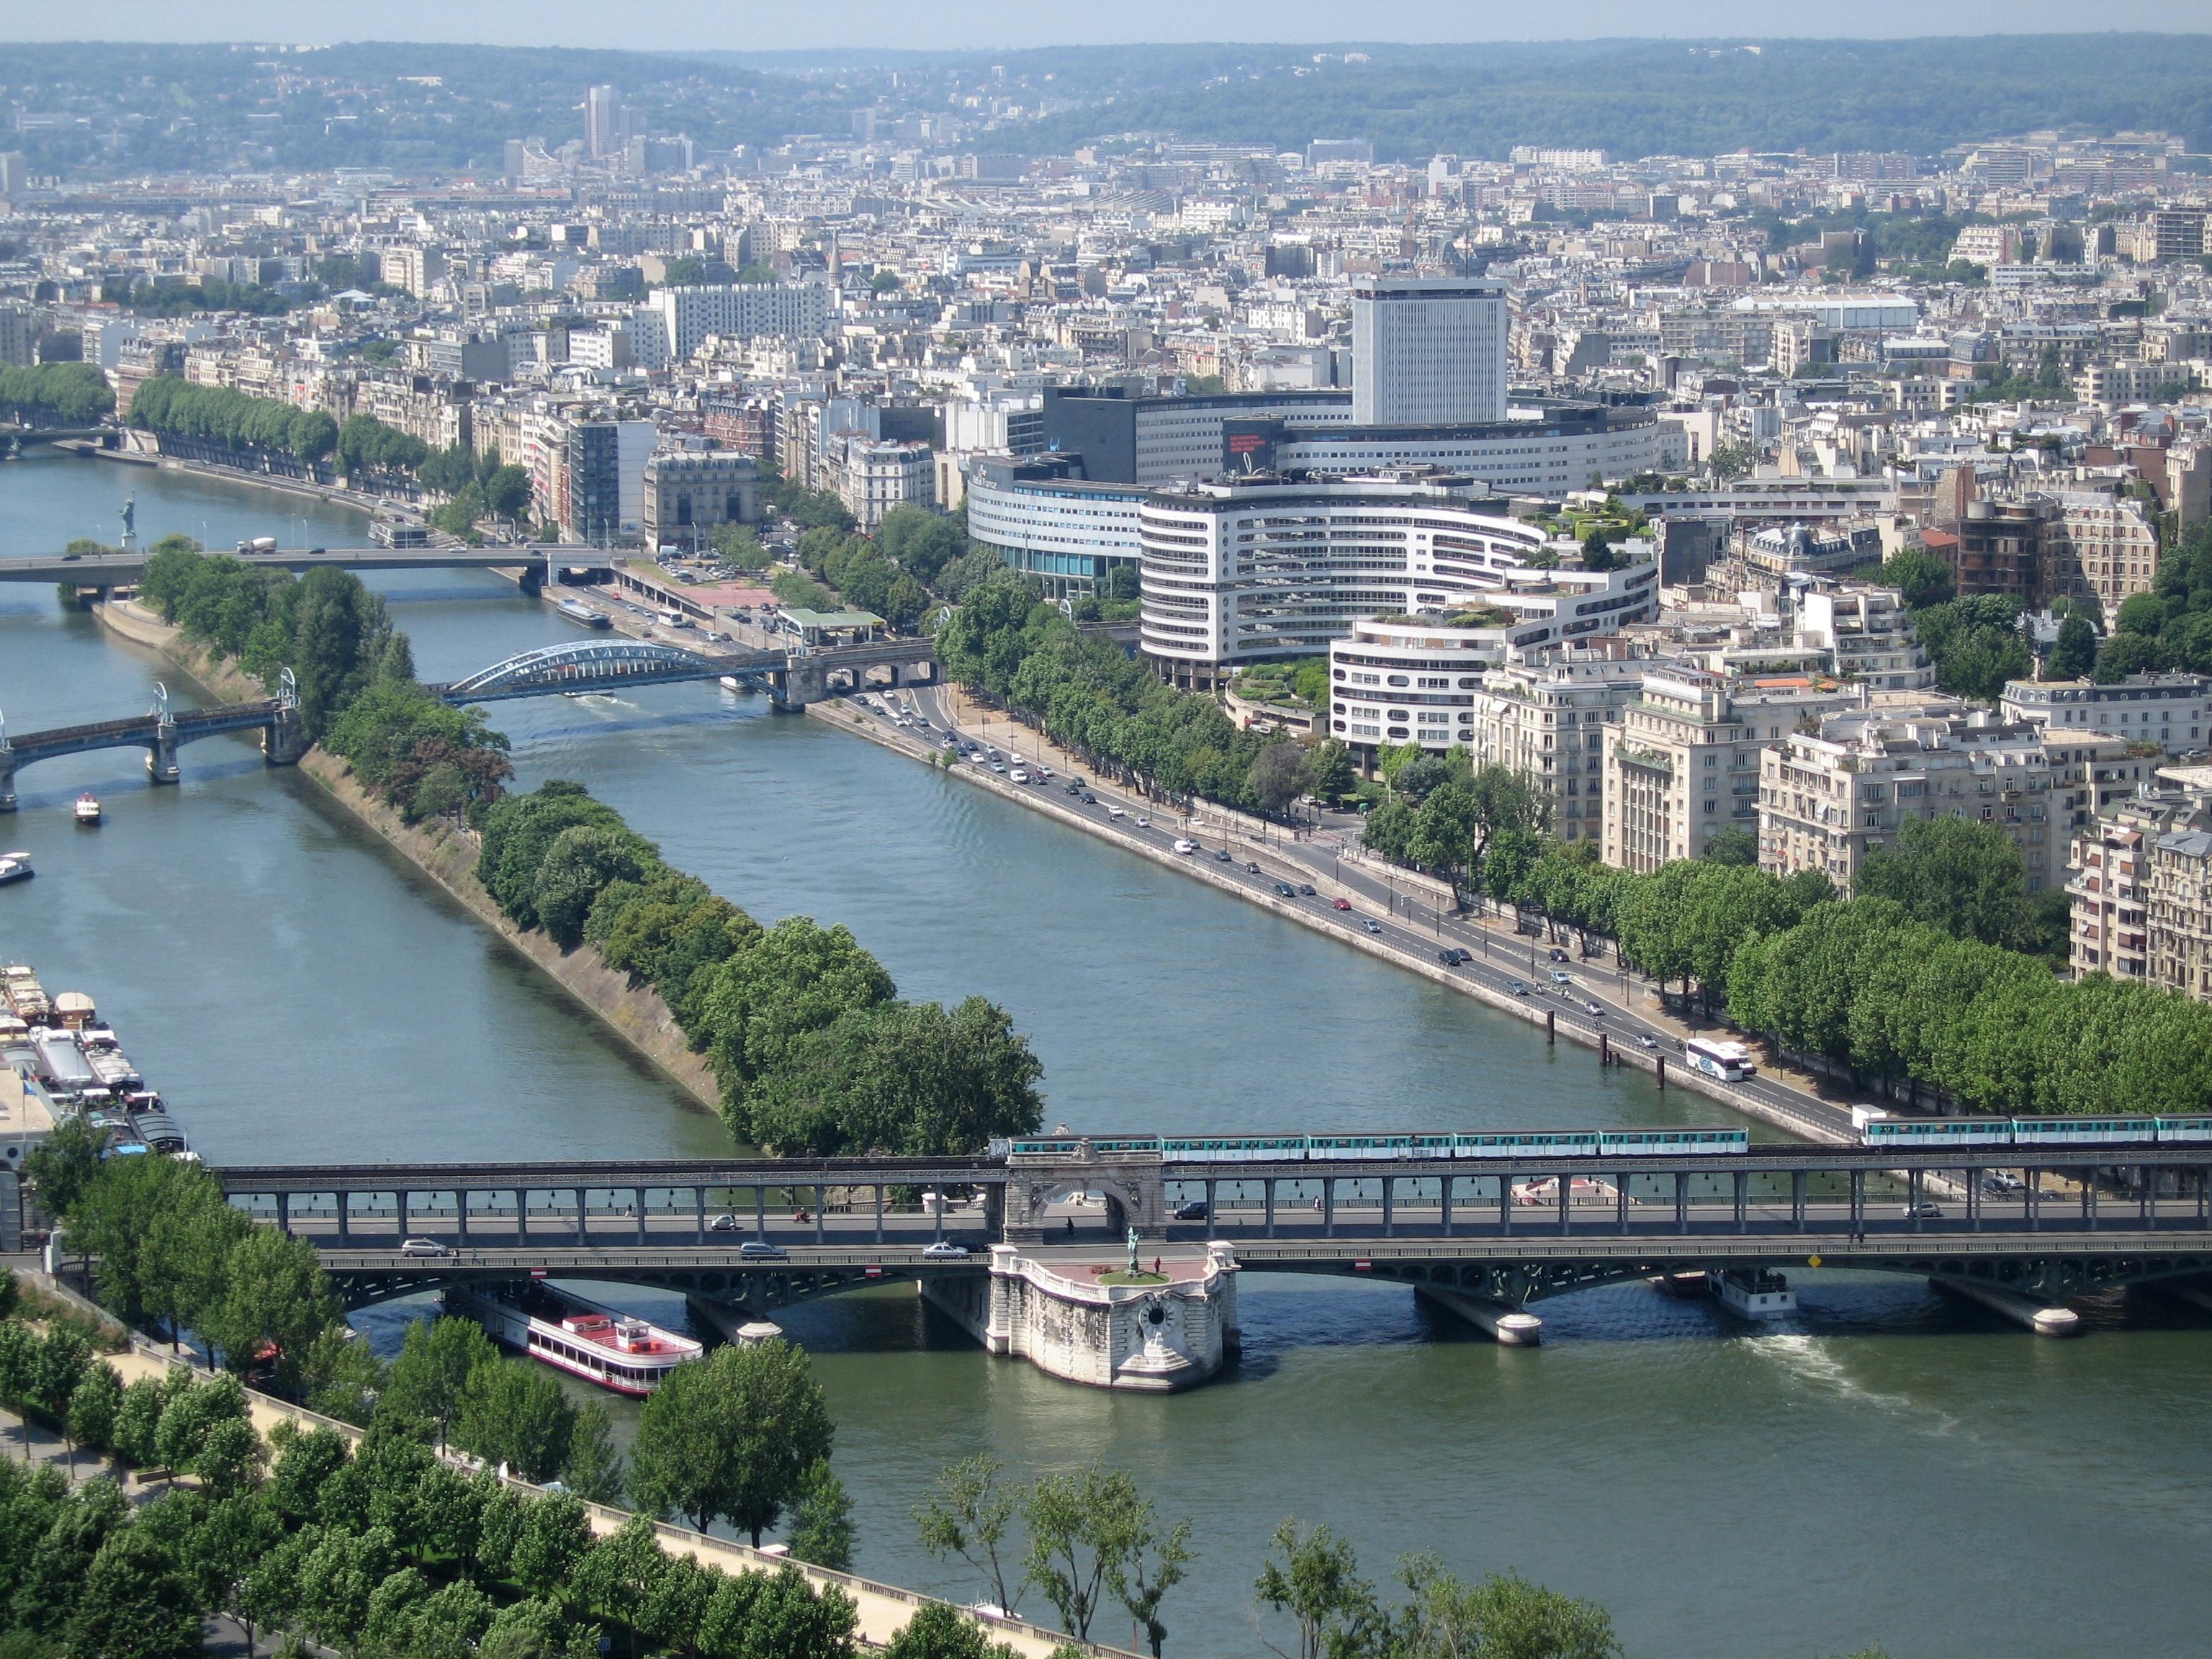 La hausse des prix marque le pas en Île-de-France